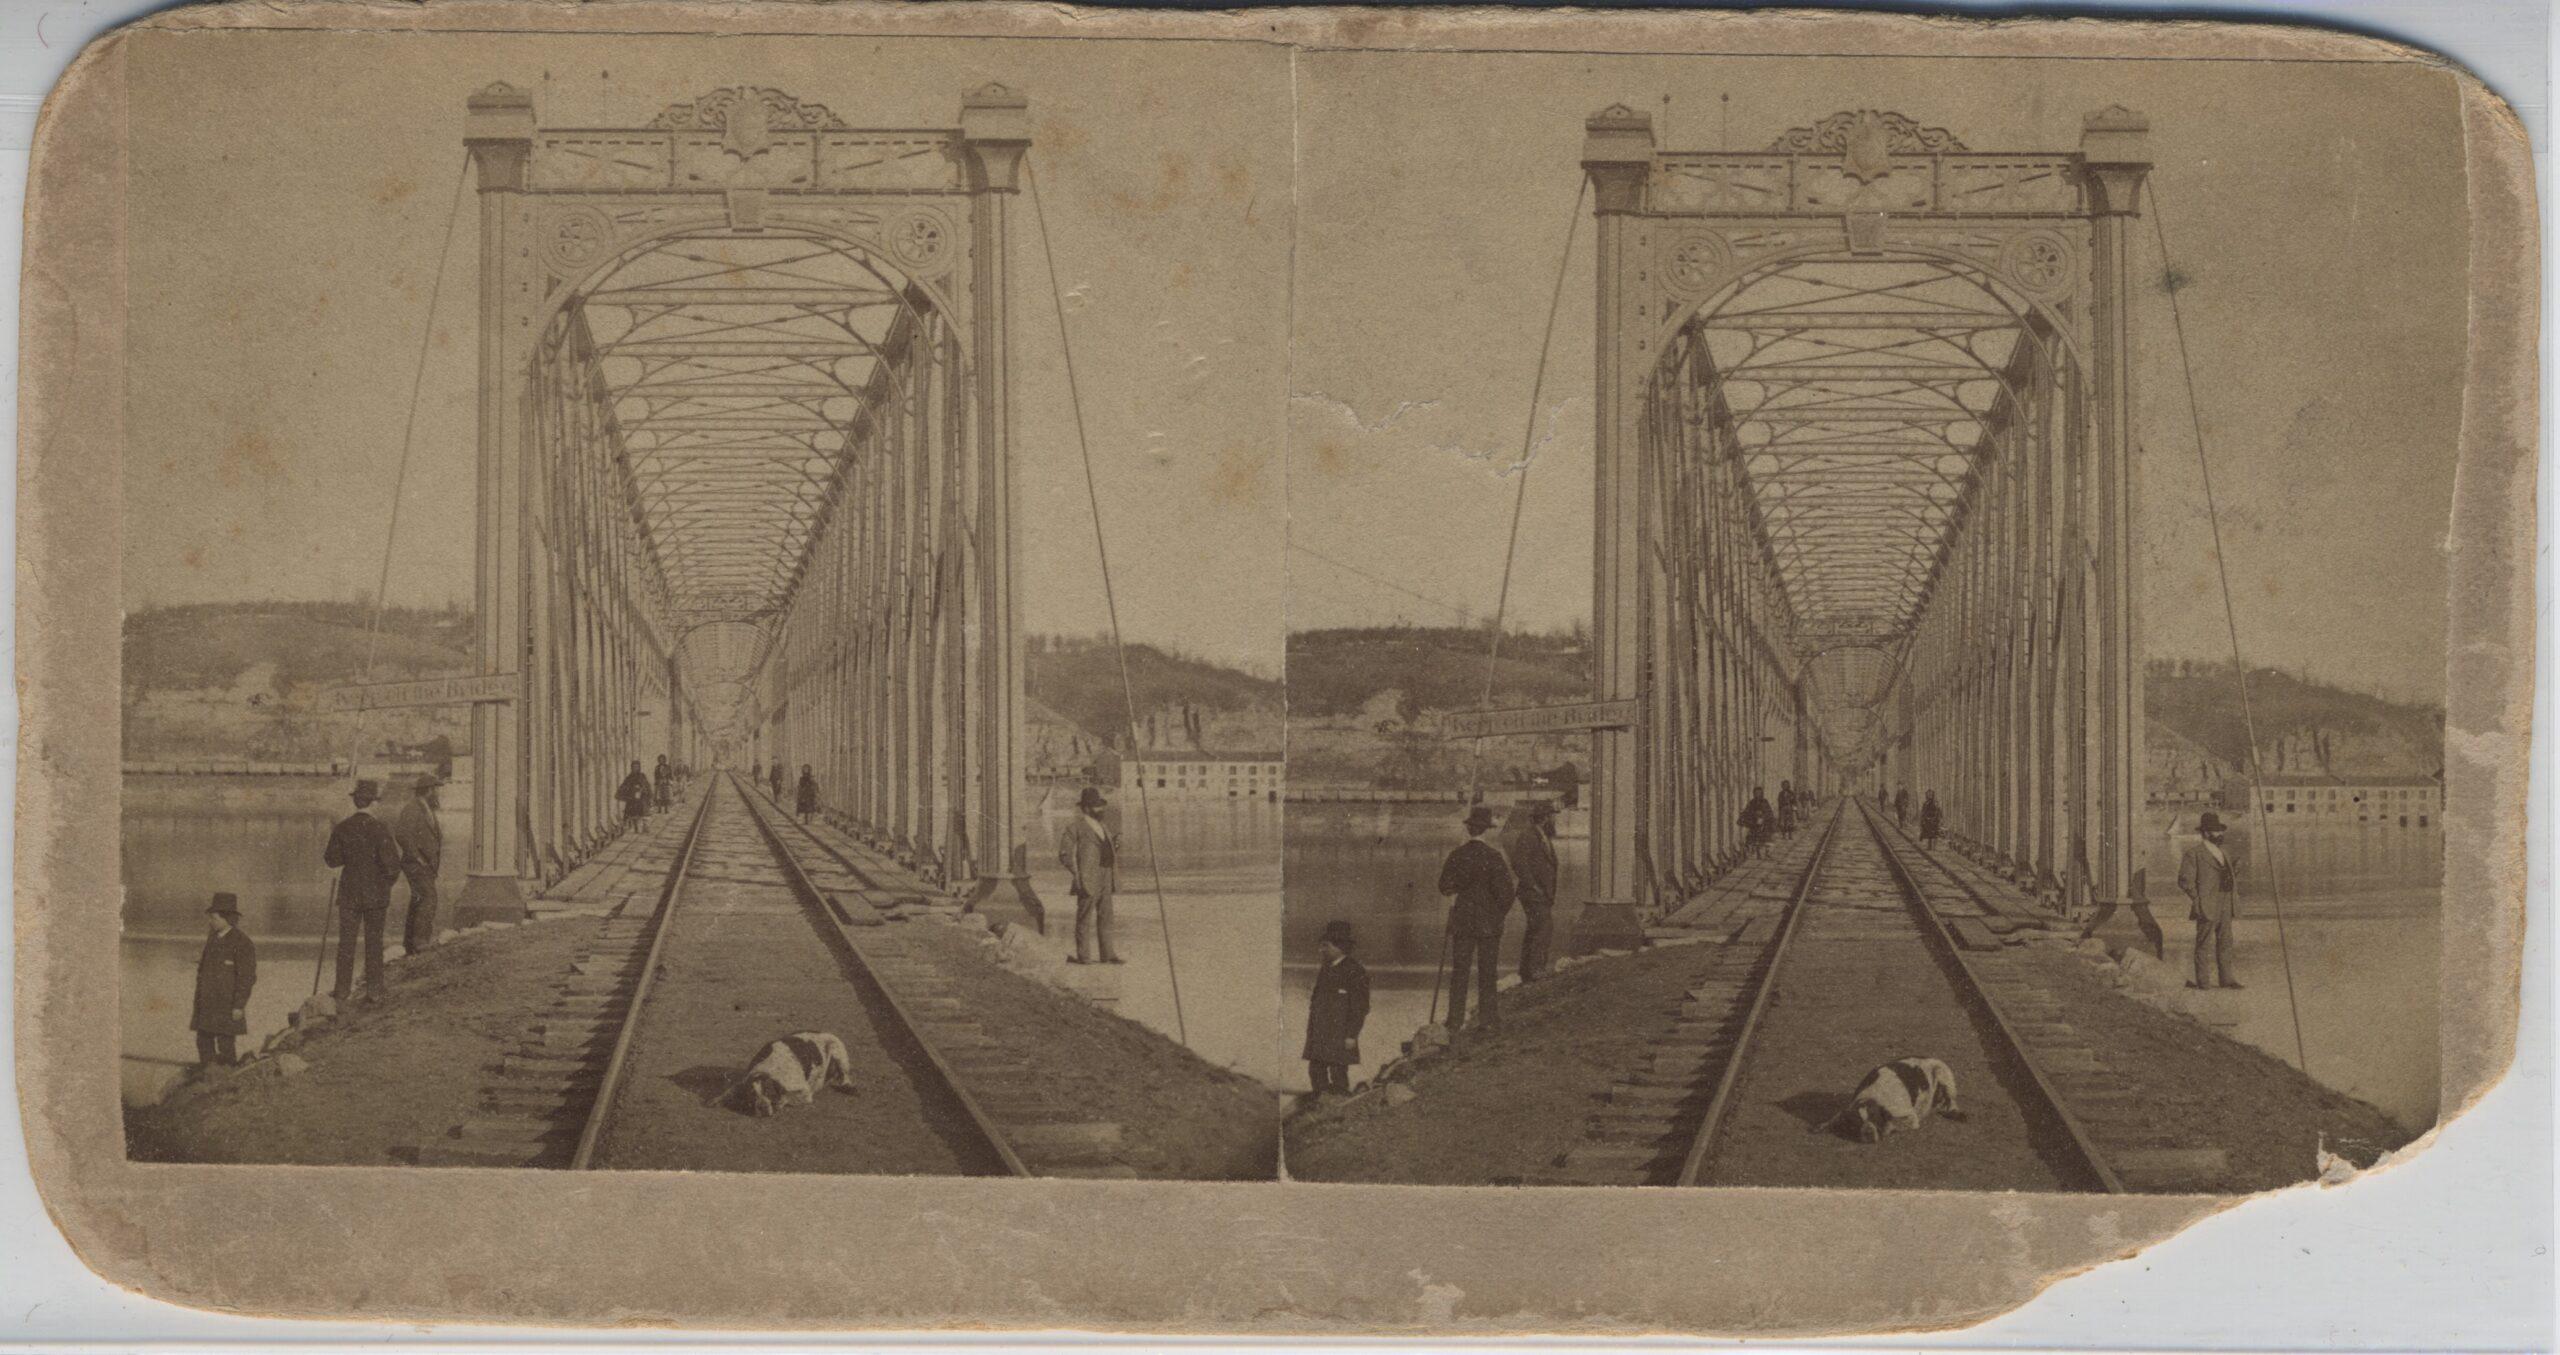 LJTP 100.240 - S. Root - Dunleith & Dubuque RR Bridge - 1869